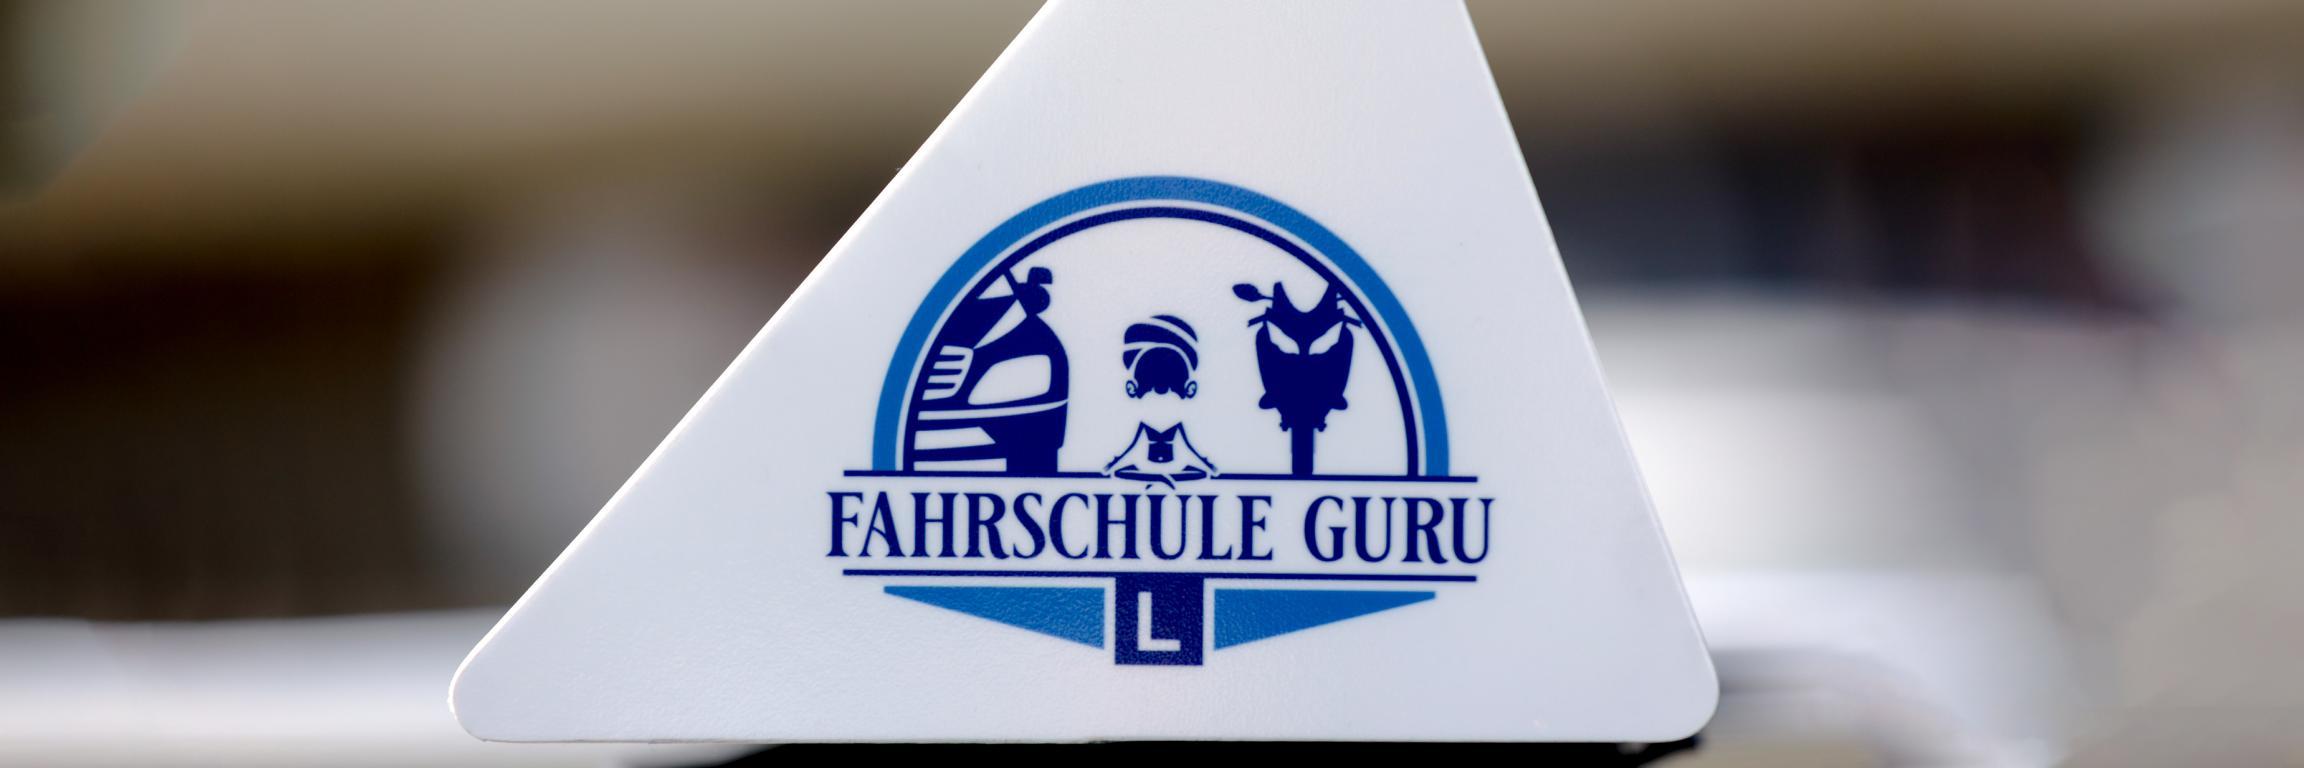 Fahrlehrer in Zürich Fahrschule Guru